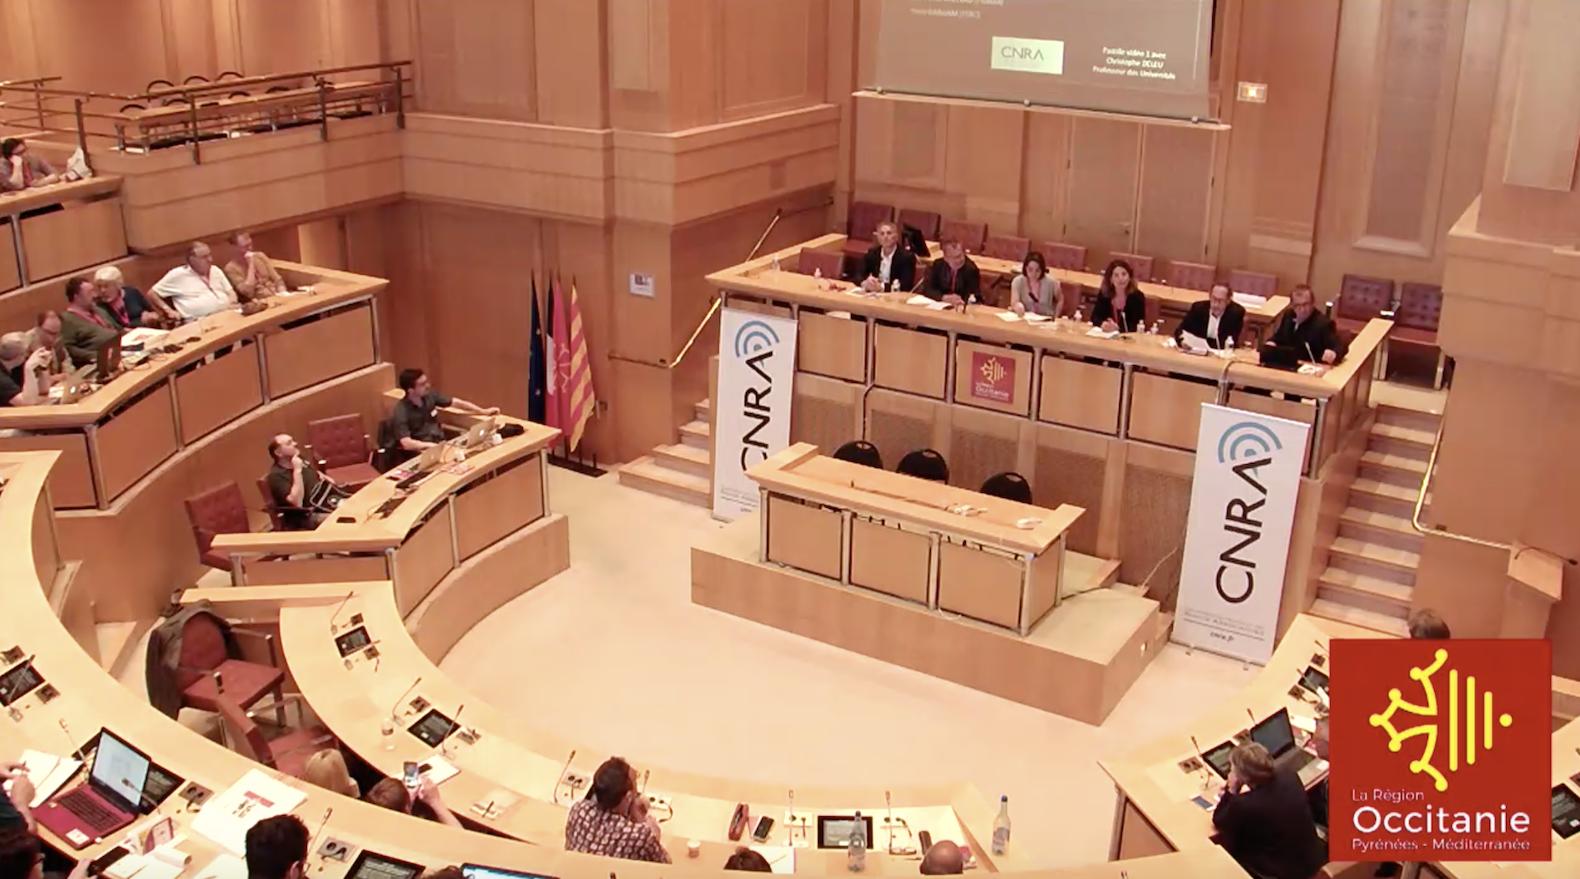 Suivez le Live Stream du congrès de la CNRA en cliquant sur l'image